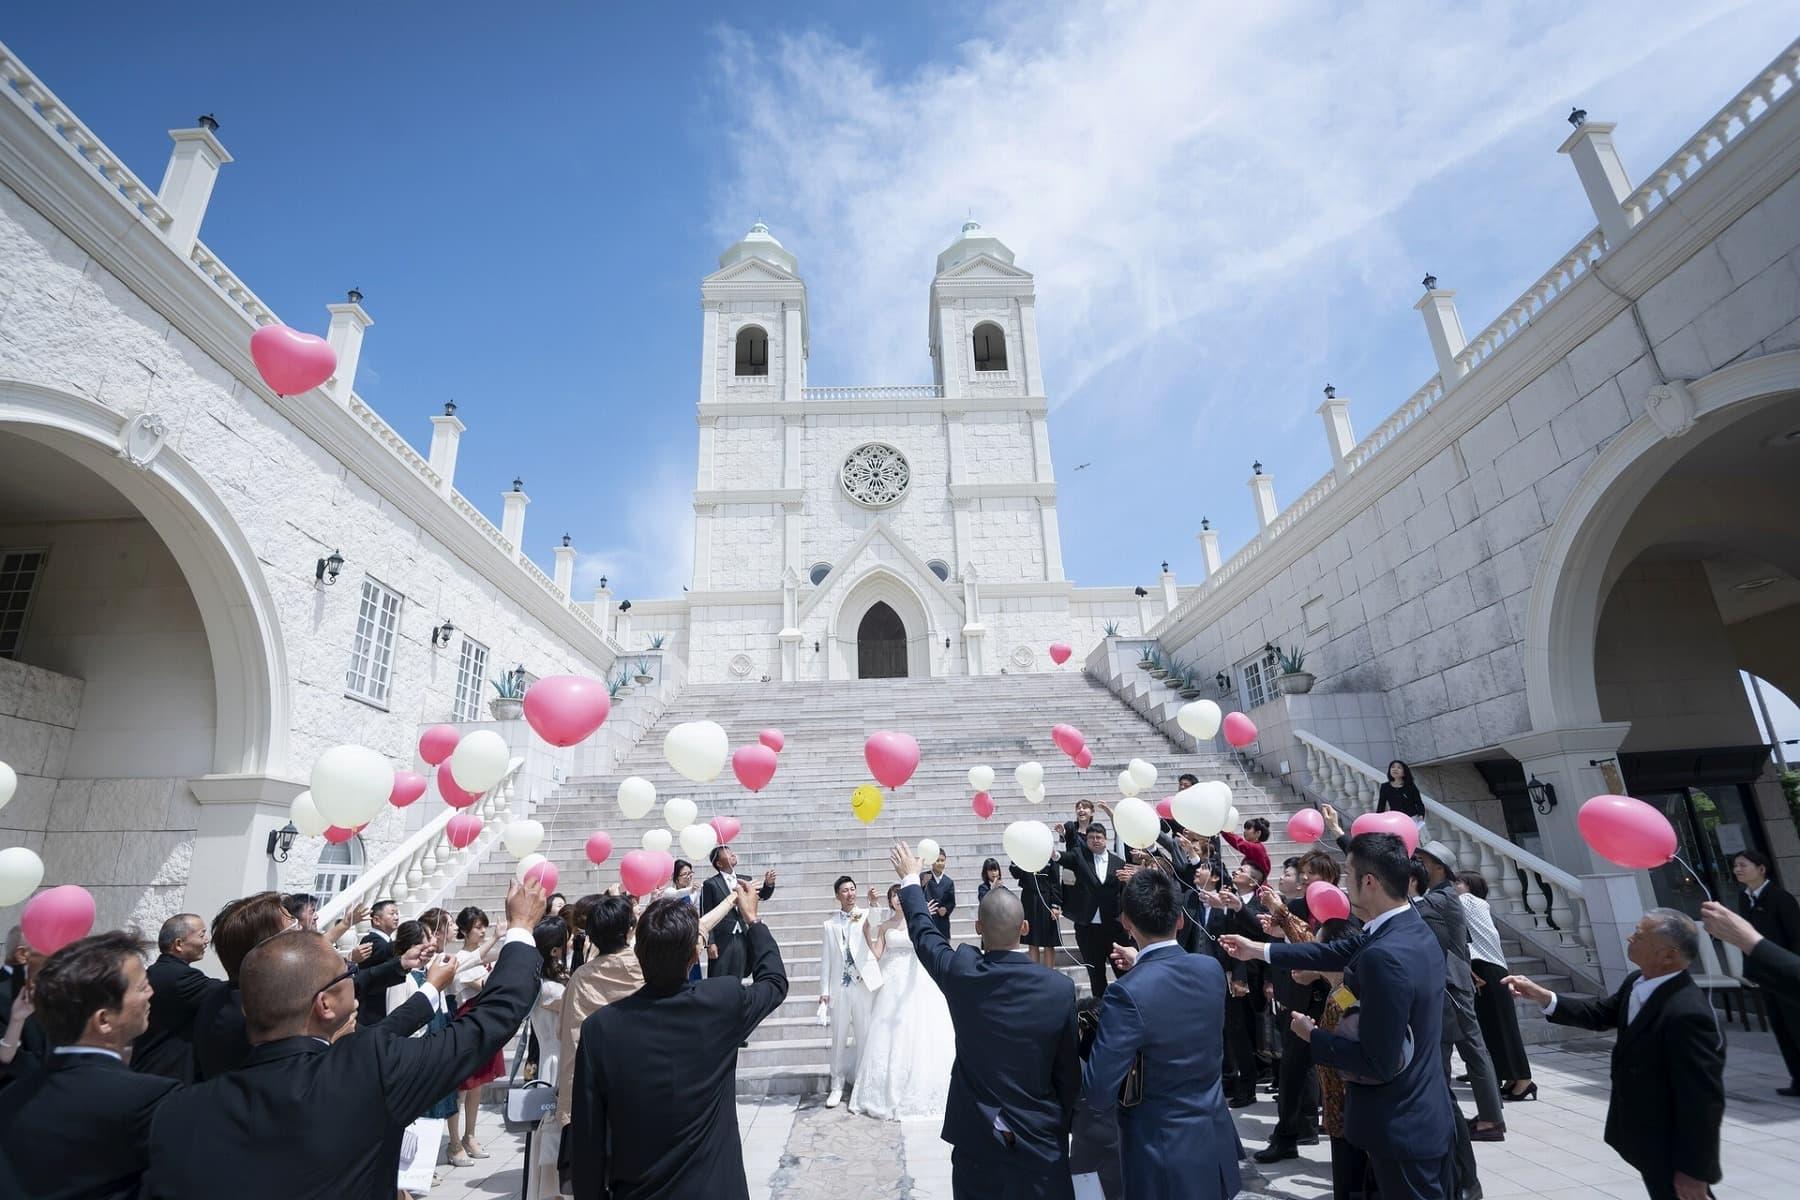 香川県高松市の結婚式場シェルエメール&アイスタイル 大階段でのバルーンリリース